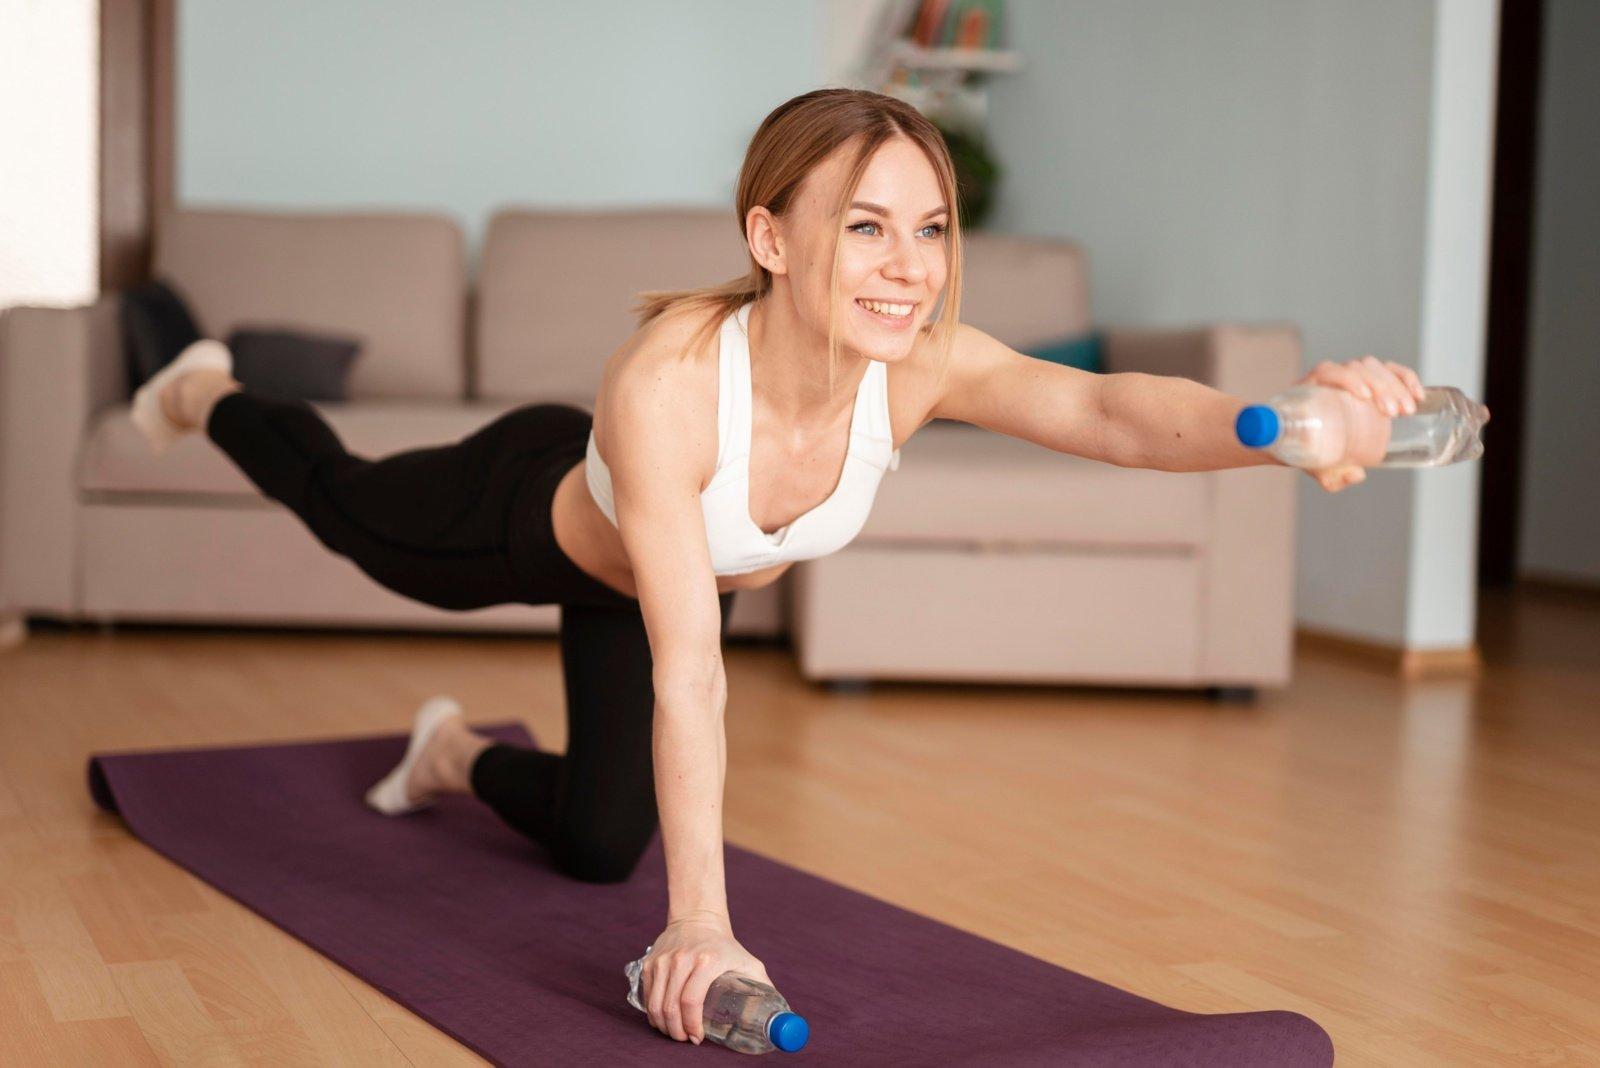 Pratimai, kuriuos galima atlikti namuose, bet efektas bus kaip sporto salėje